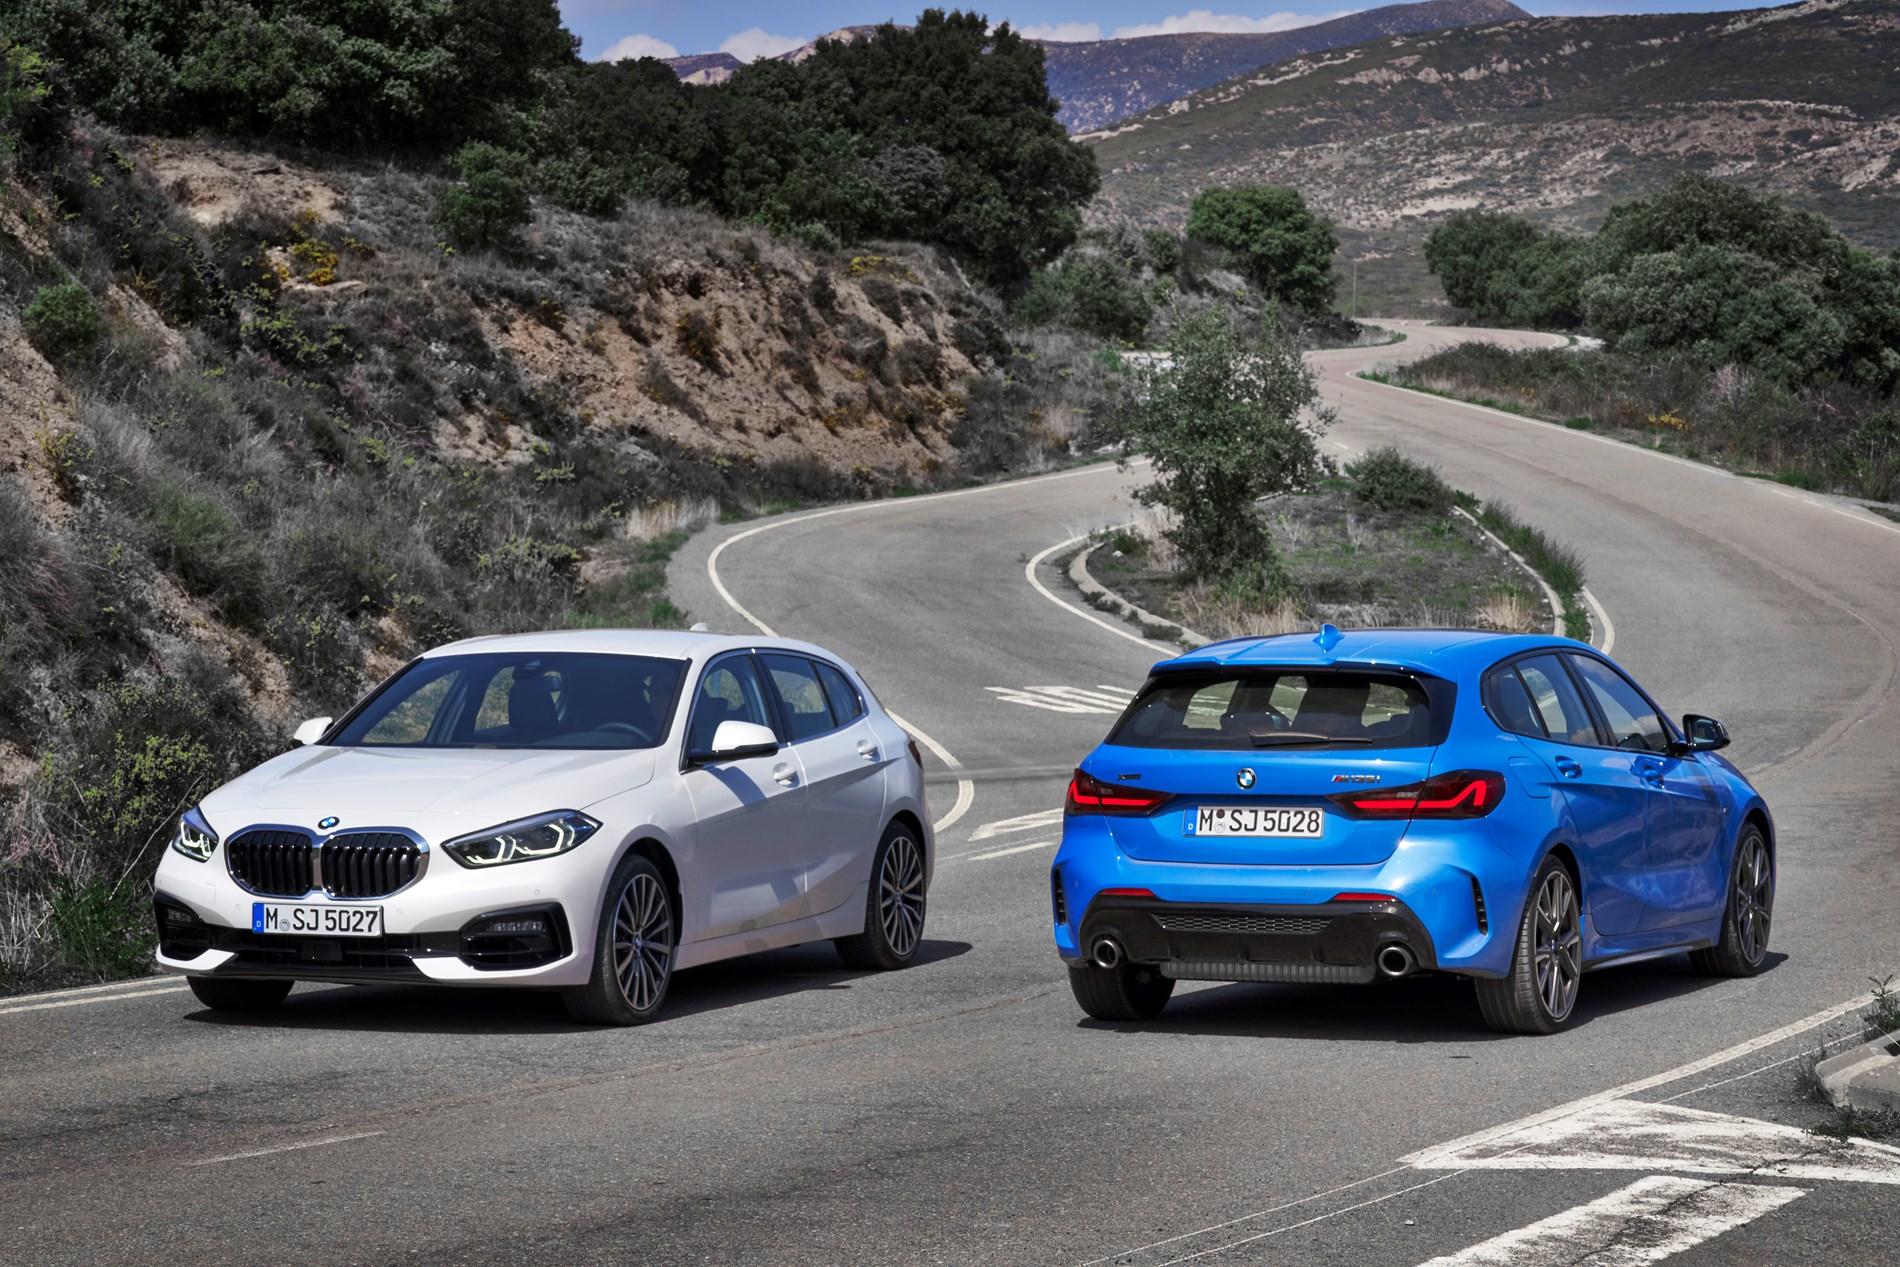 De nieuwe BMW 1 Reeks.Voorwielaangedreven derde generatie combineert voor BMW kenmerkend rijplezier met ruimer interieur.